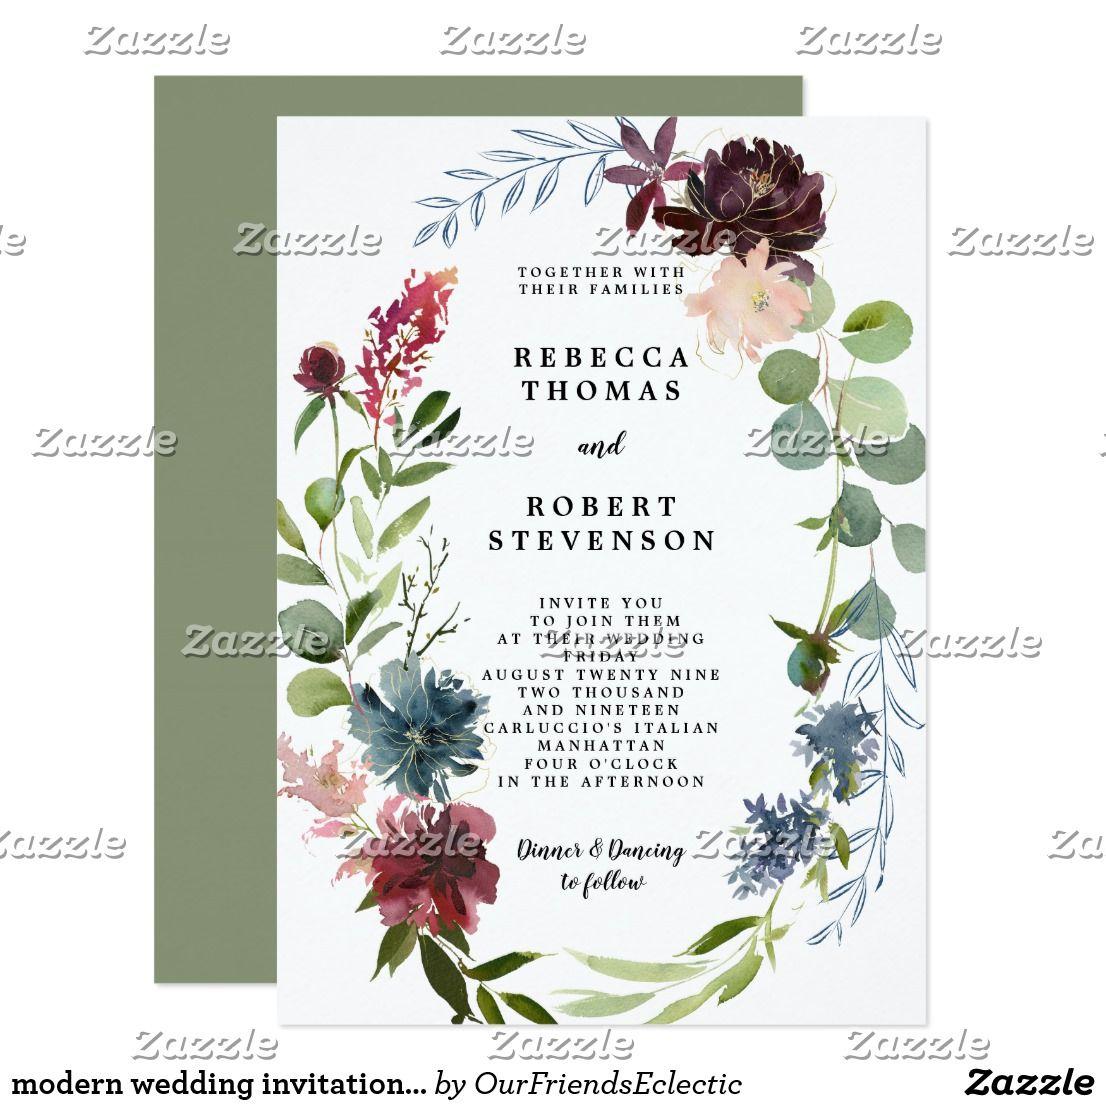 modern wedding invitation burgundy floral wreath Zazzle